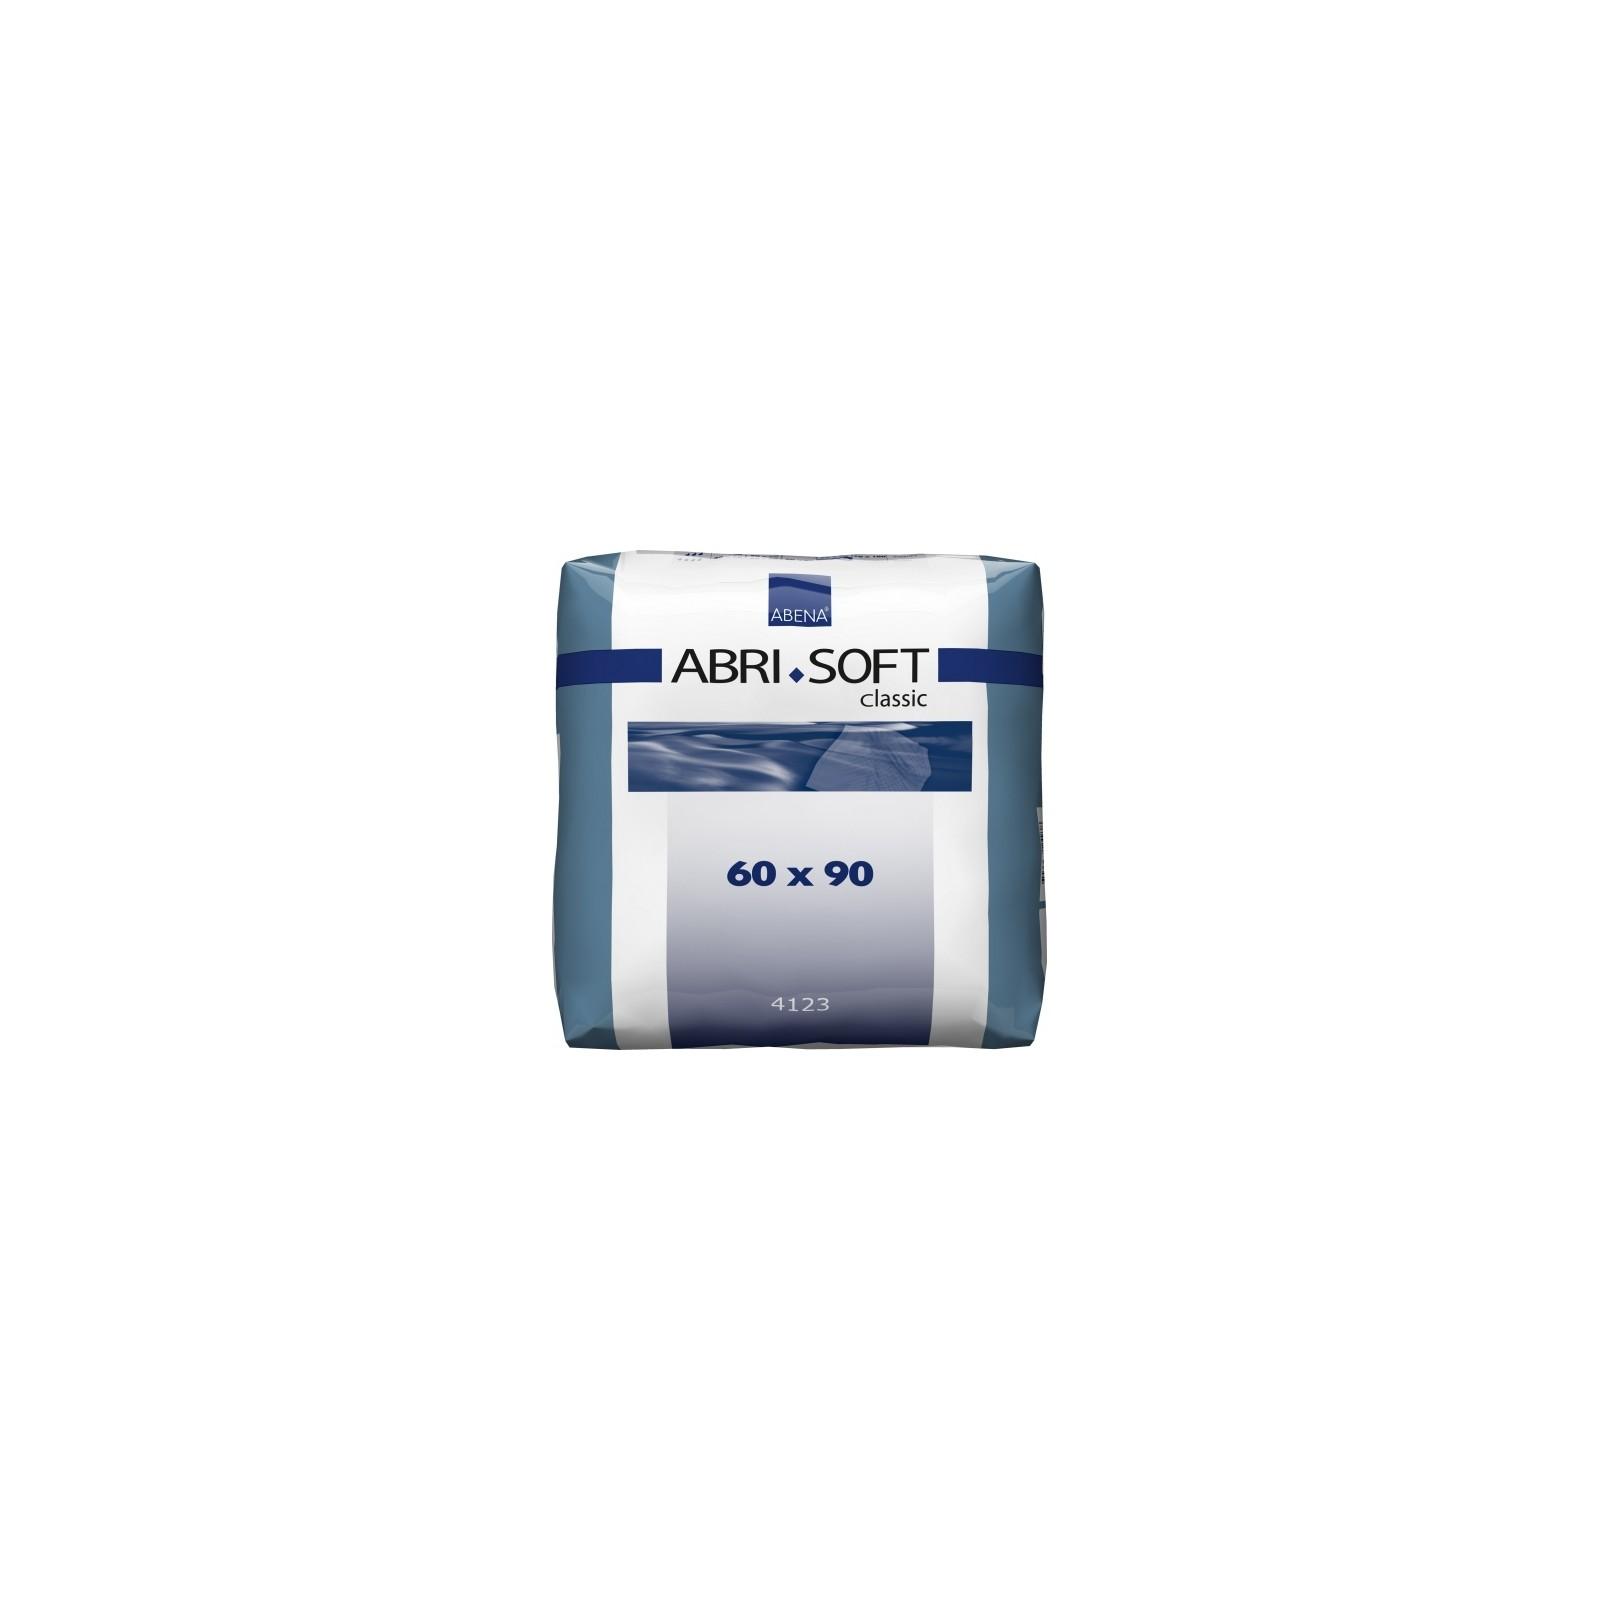 ABENA Abri-Soft Classic 60 x 90 cm| SenUp.com